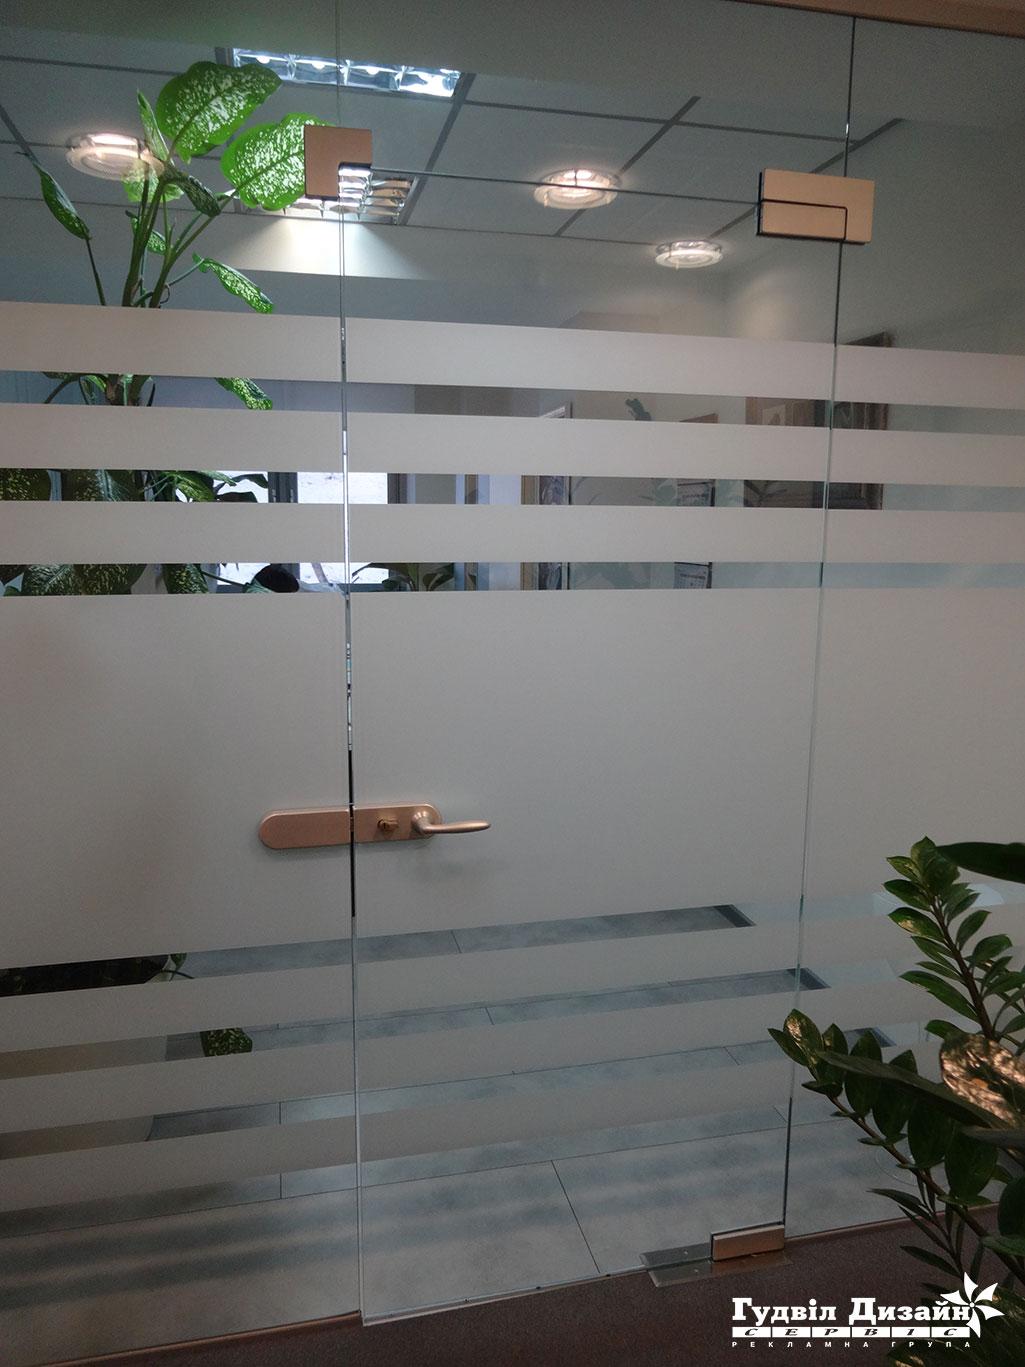 17.71 Оклейка спец. пленкой окон офисных перегородок тонировка